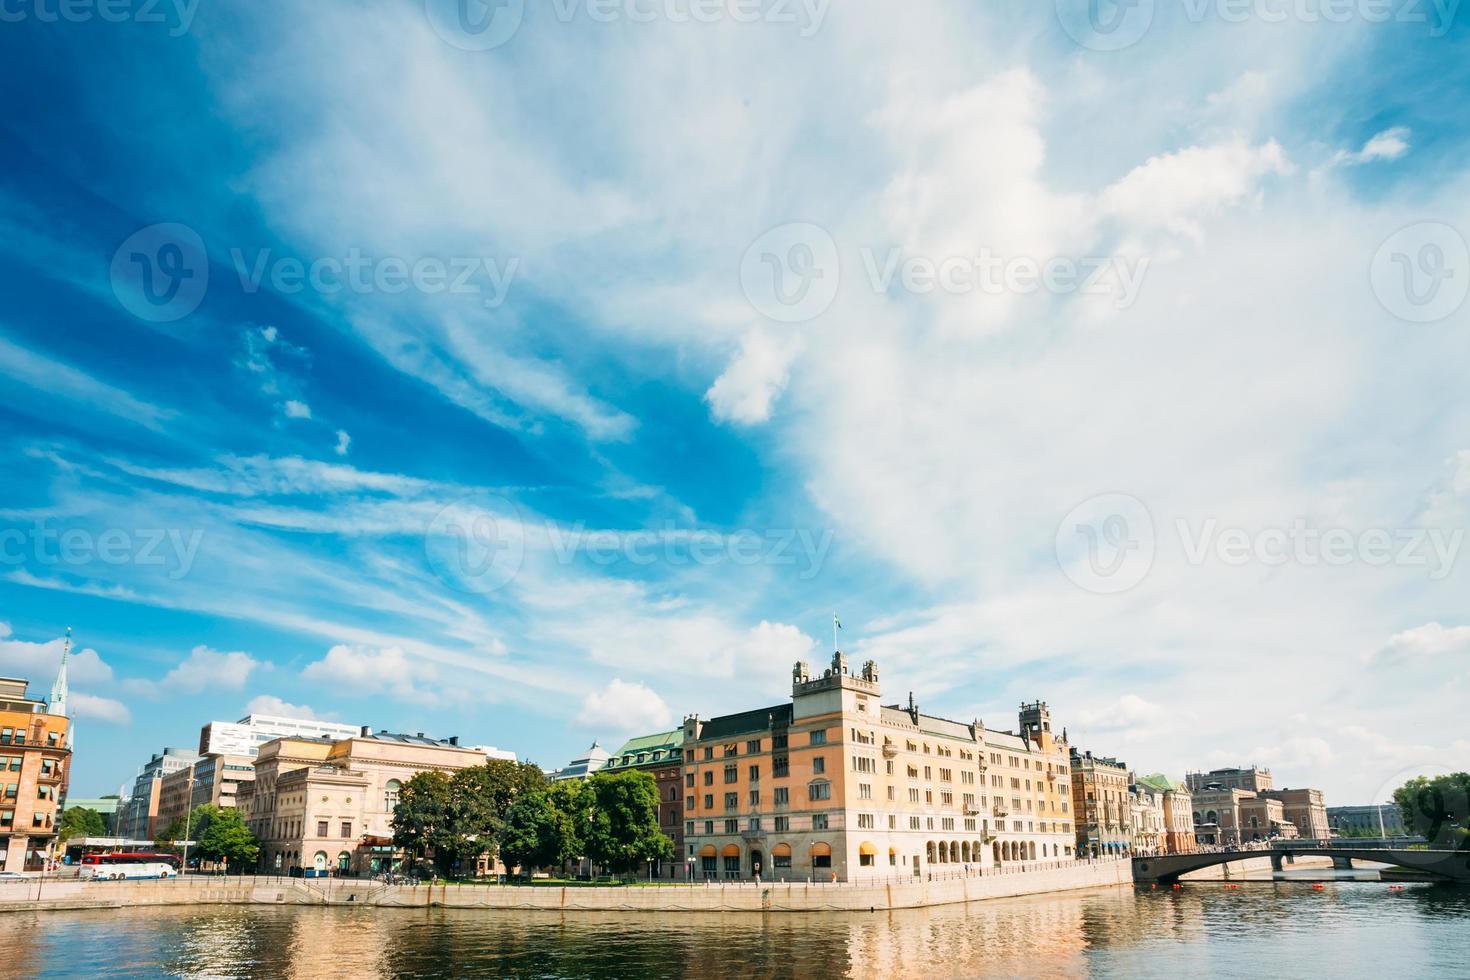 invallning i stockholm på sommardag, Sverige foto